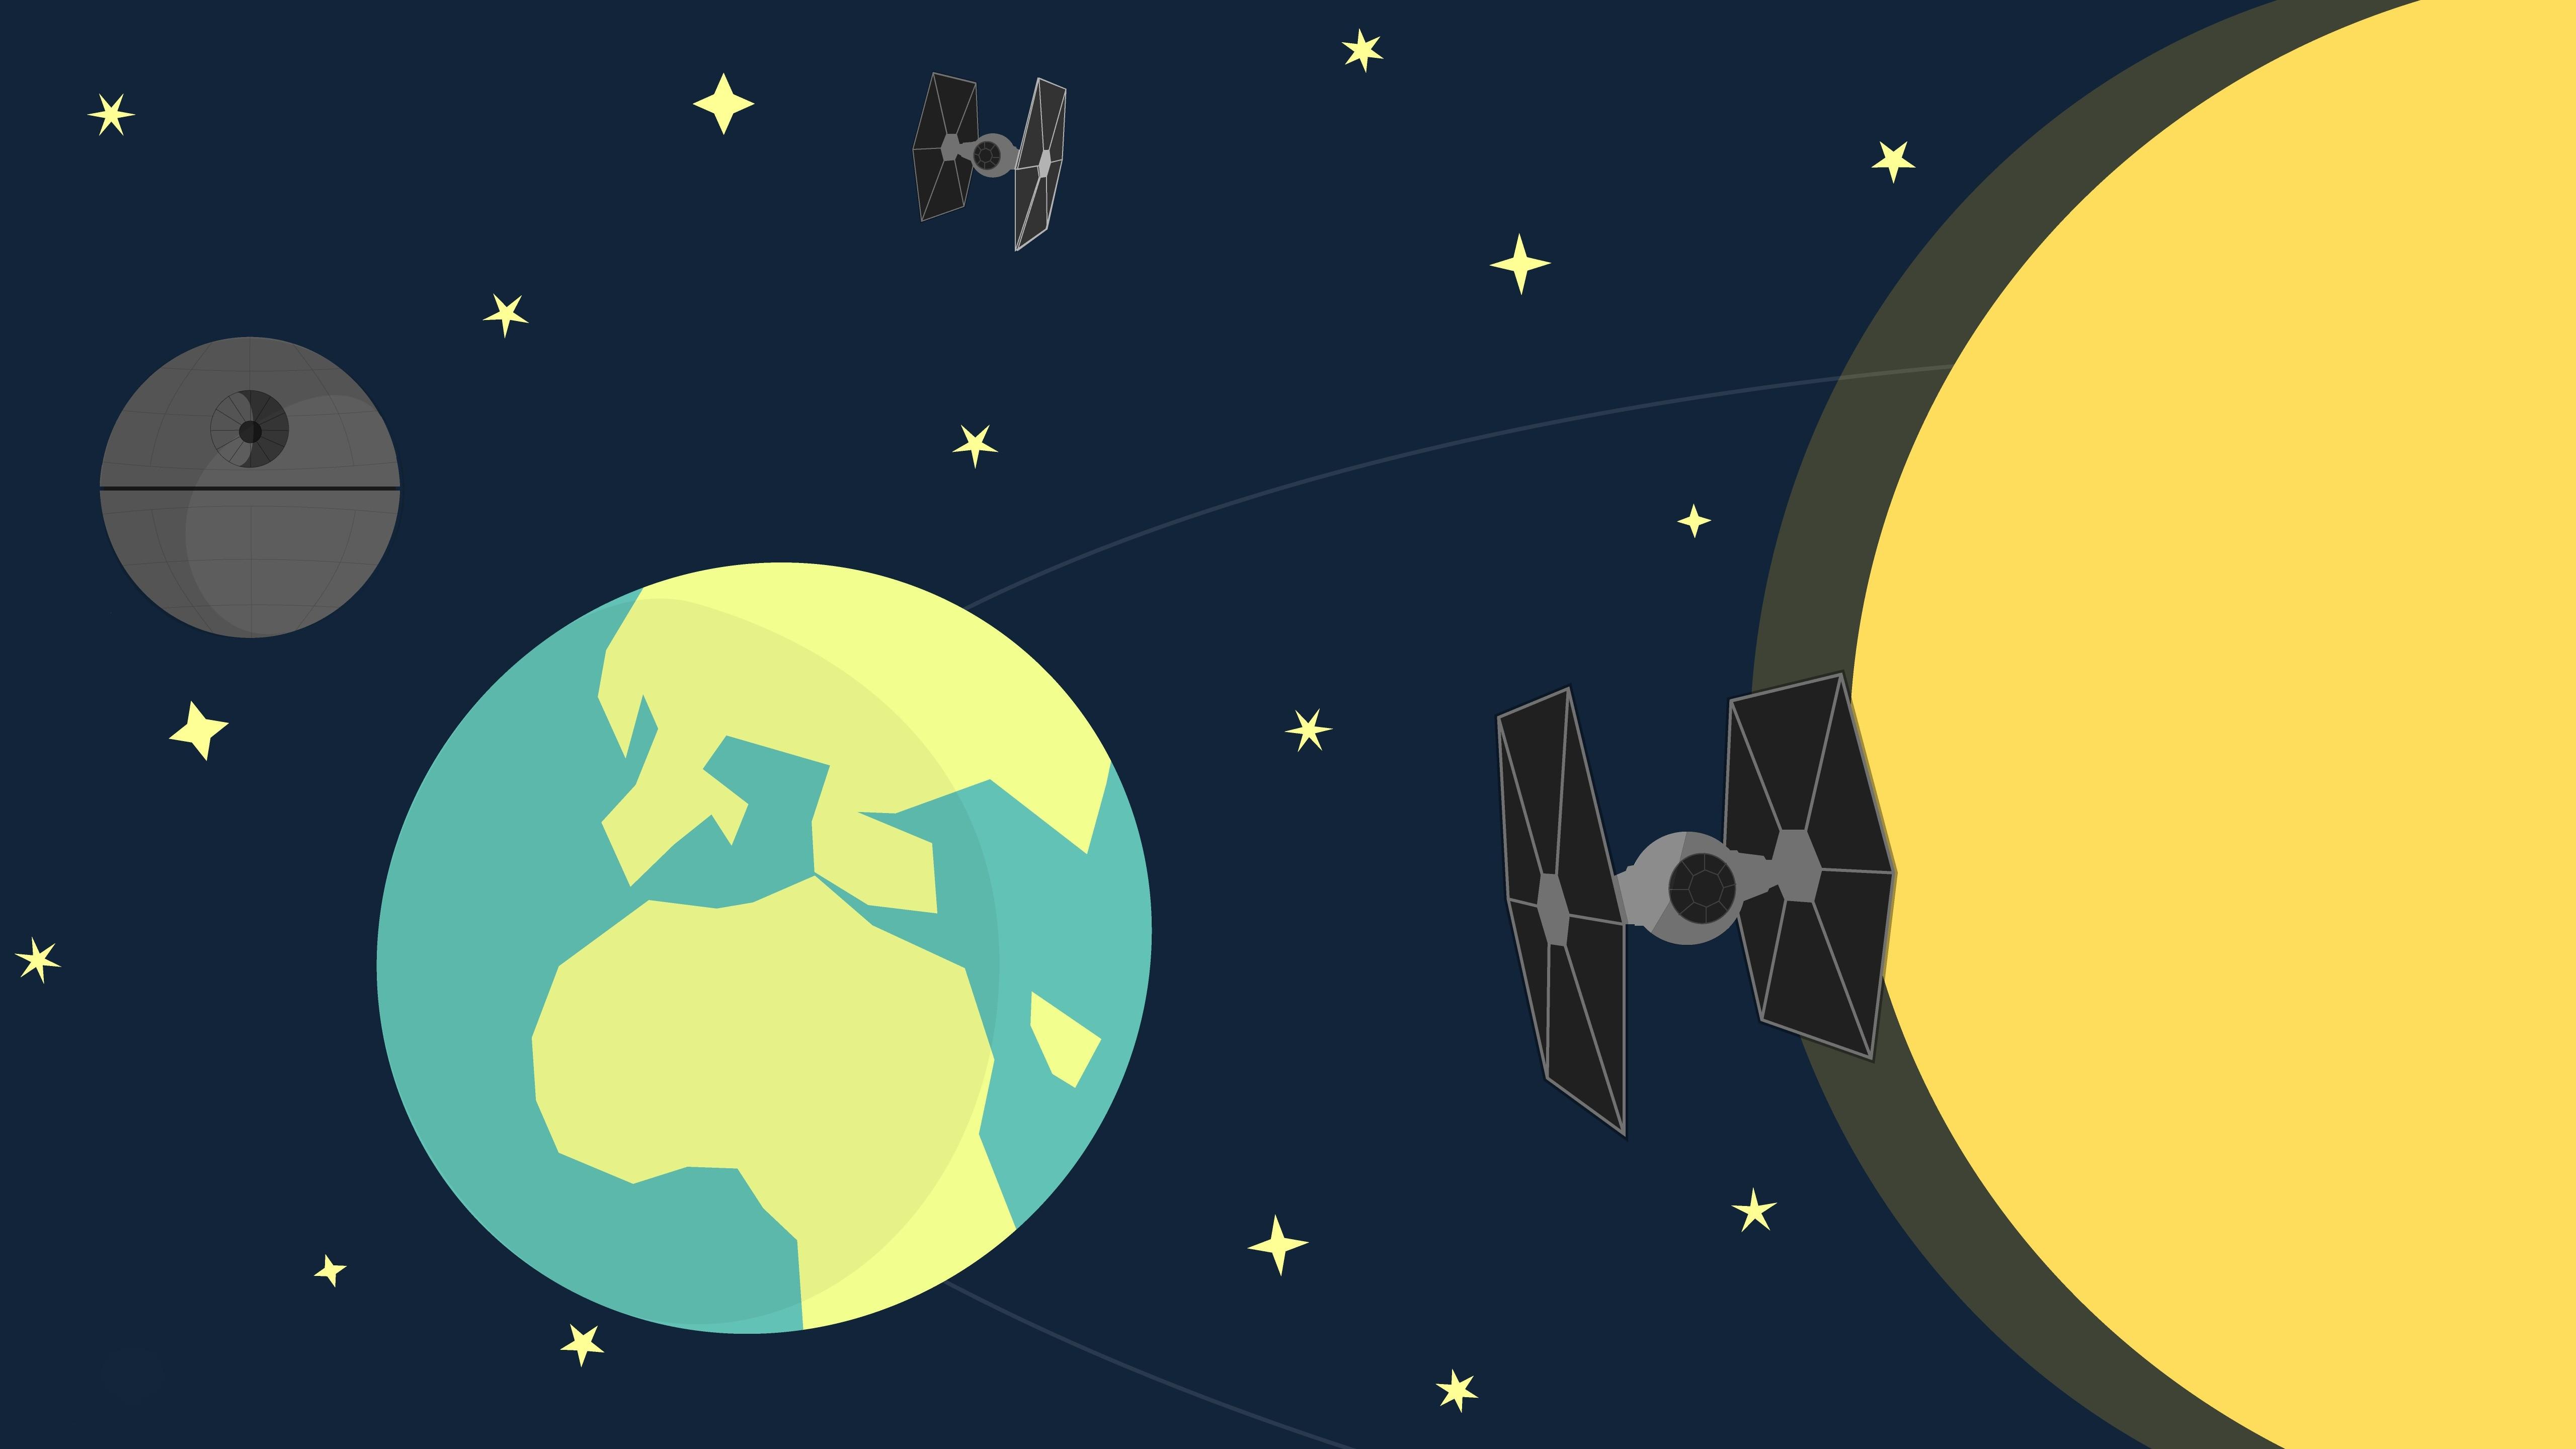 Artwork Death Star Wars Minimalism TIE Fighter Earth